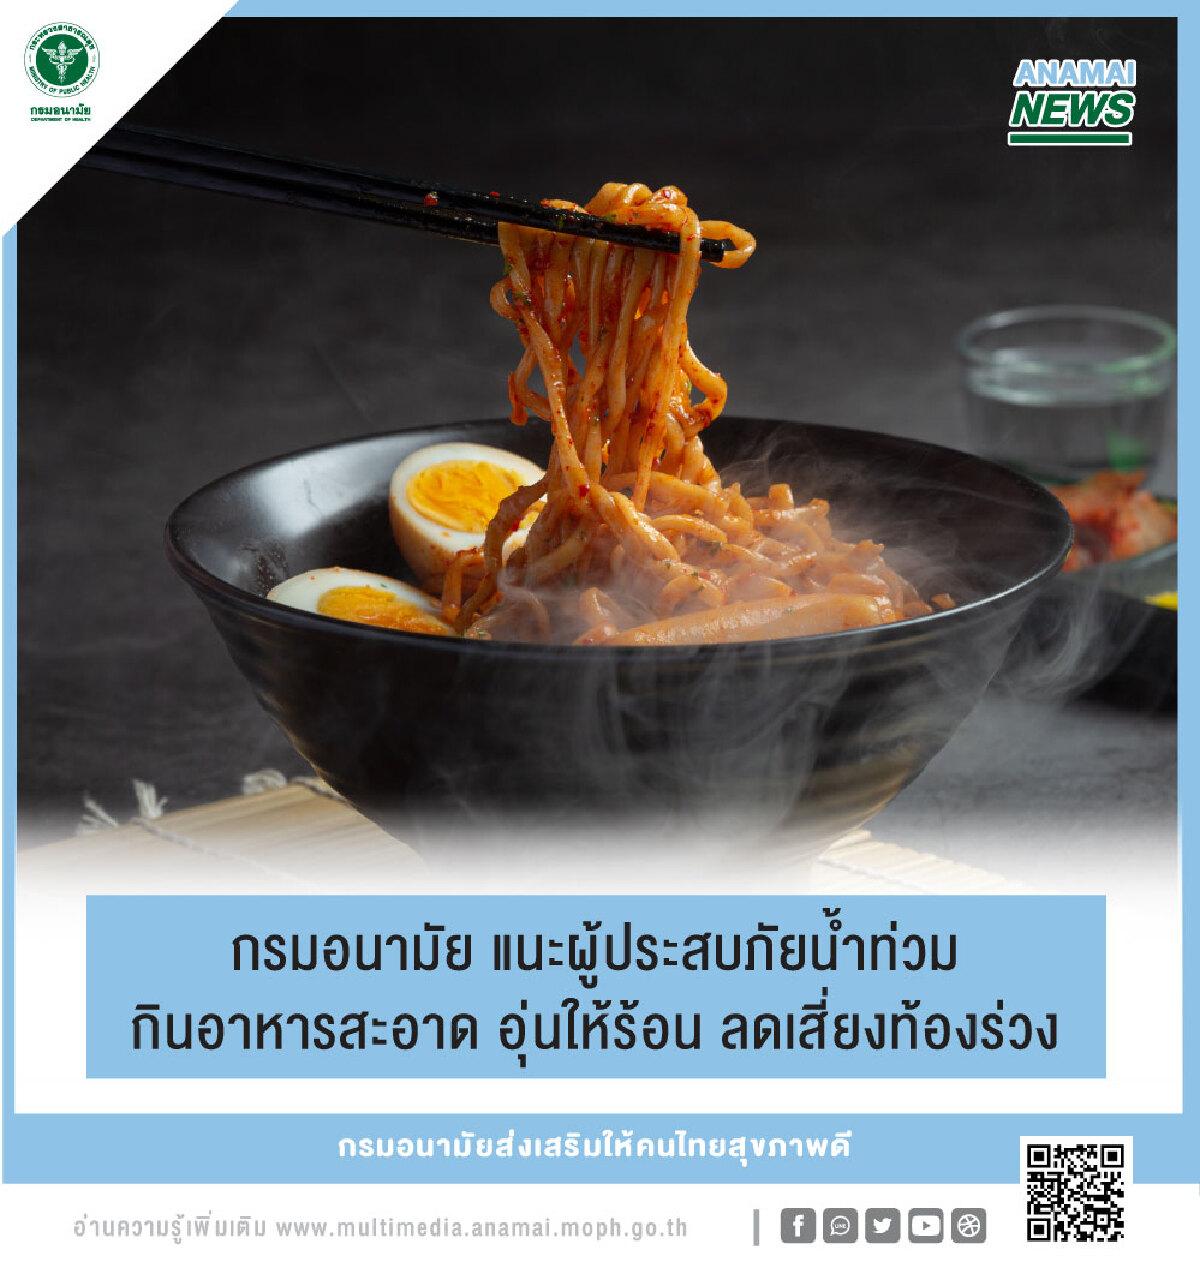 กินอาหารอุ่นร้อน ลดเสี่ยงท้องร่วง